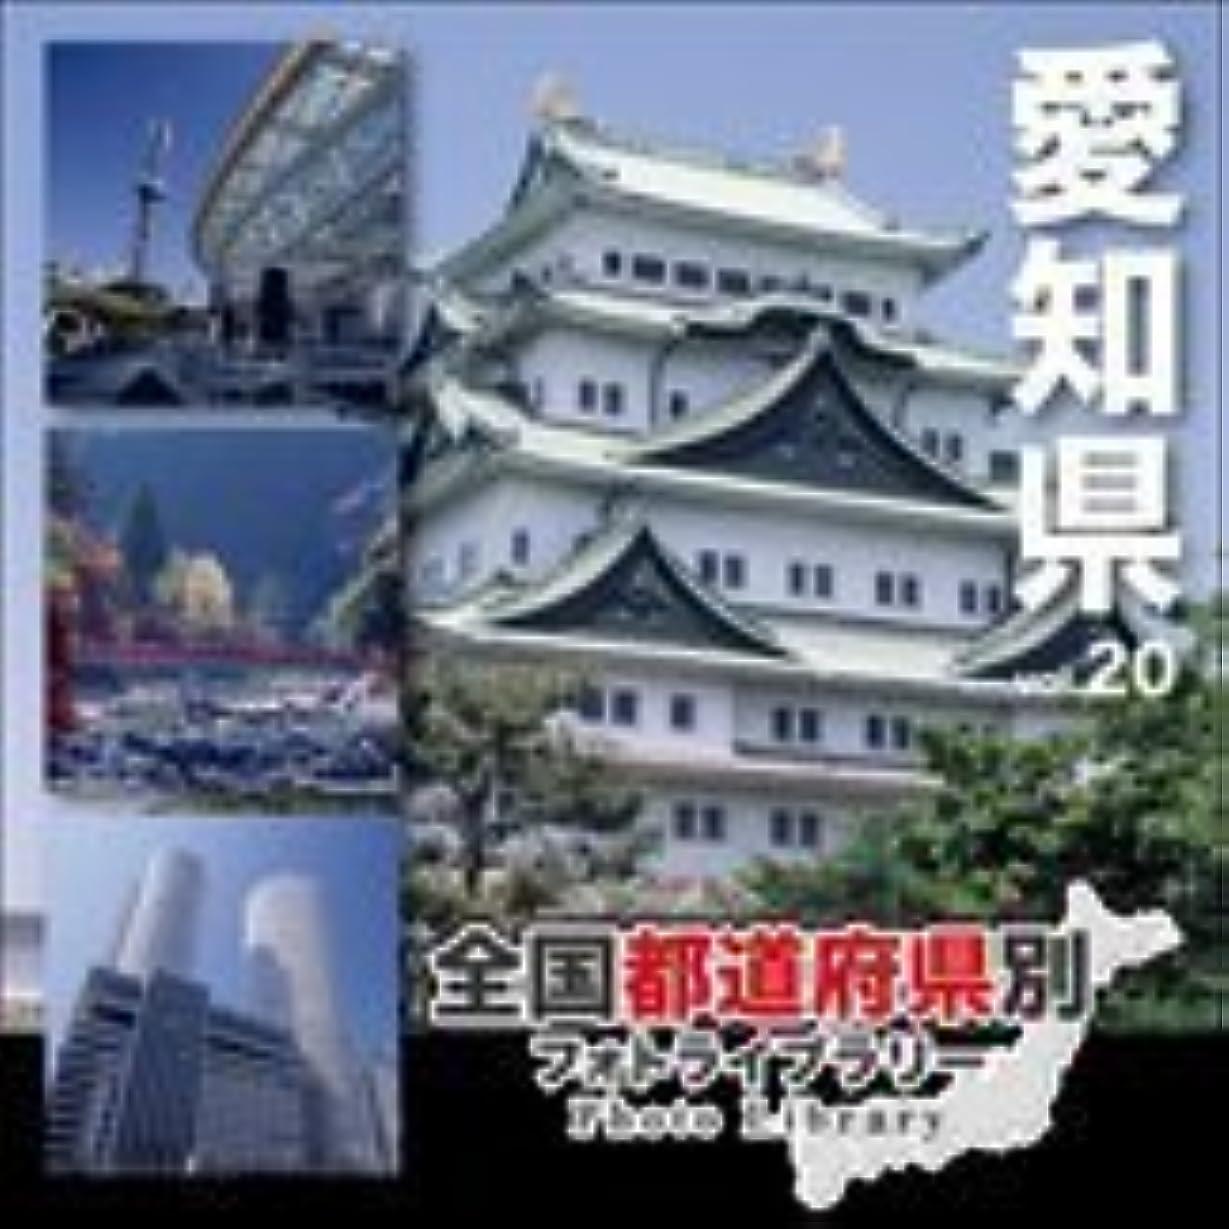 雪の失業者パトワ全国都道府県別フォトライブラリー Vol.20 愛知県